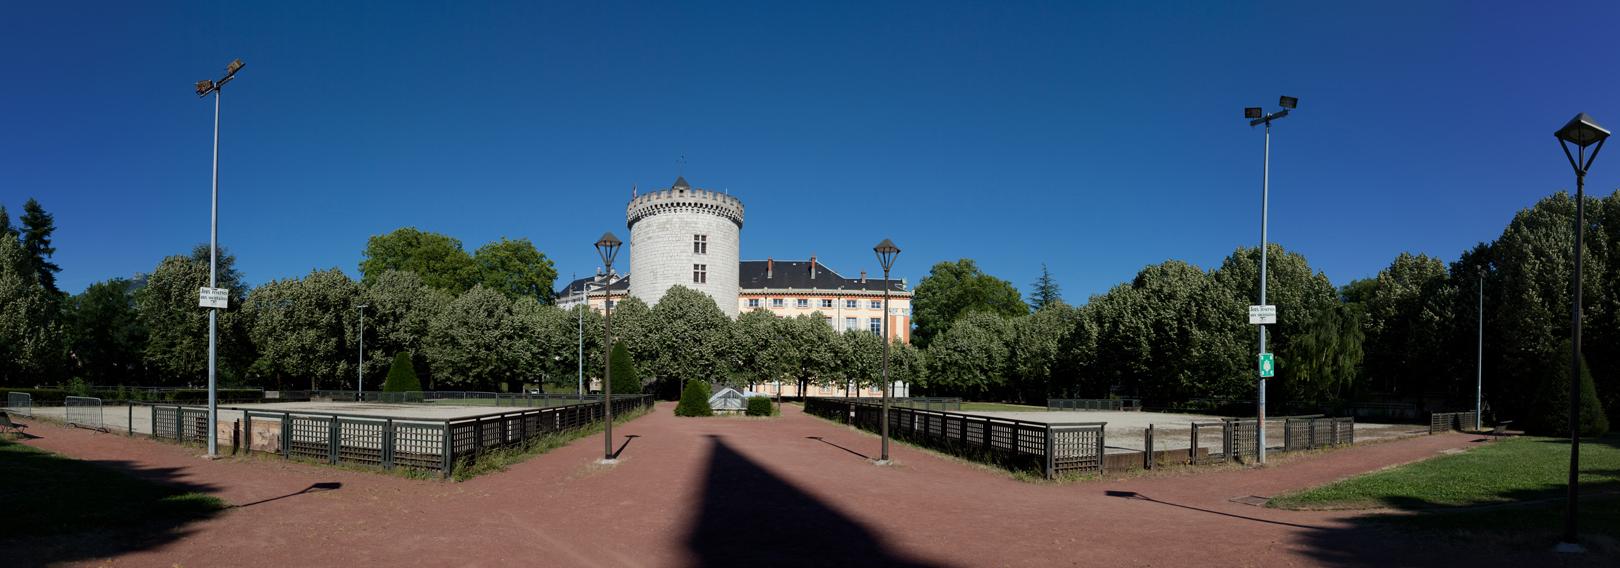 040 Château des Ducs de Savoie